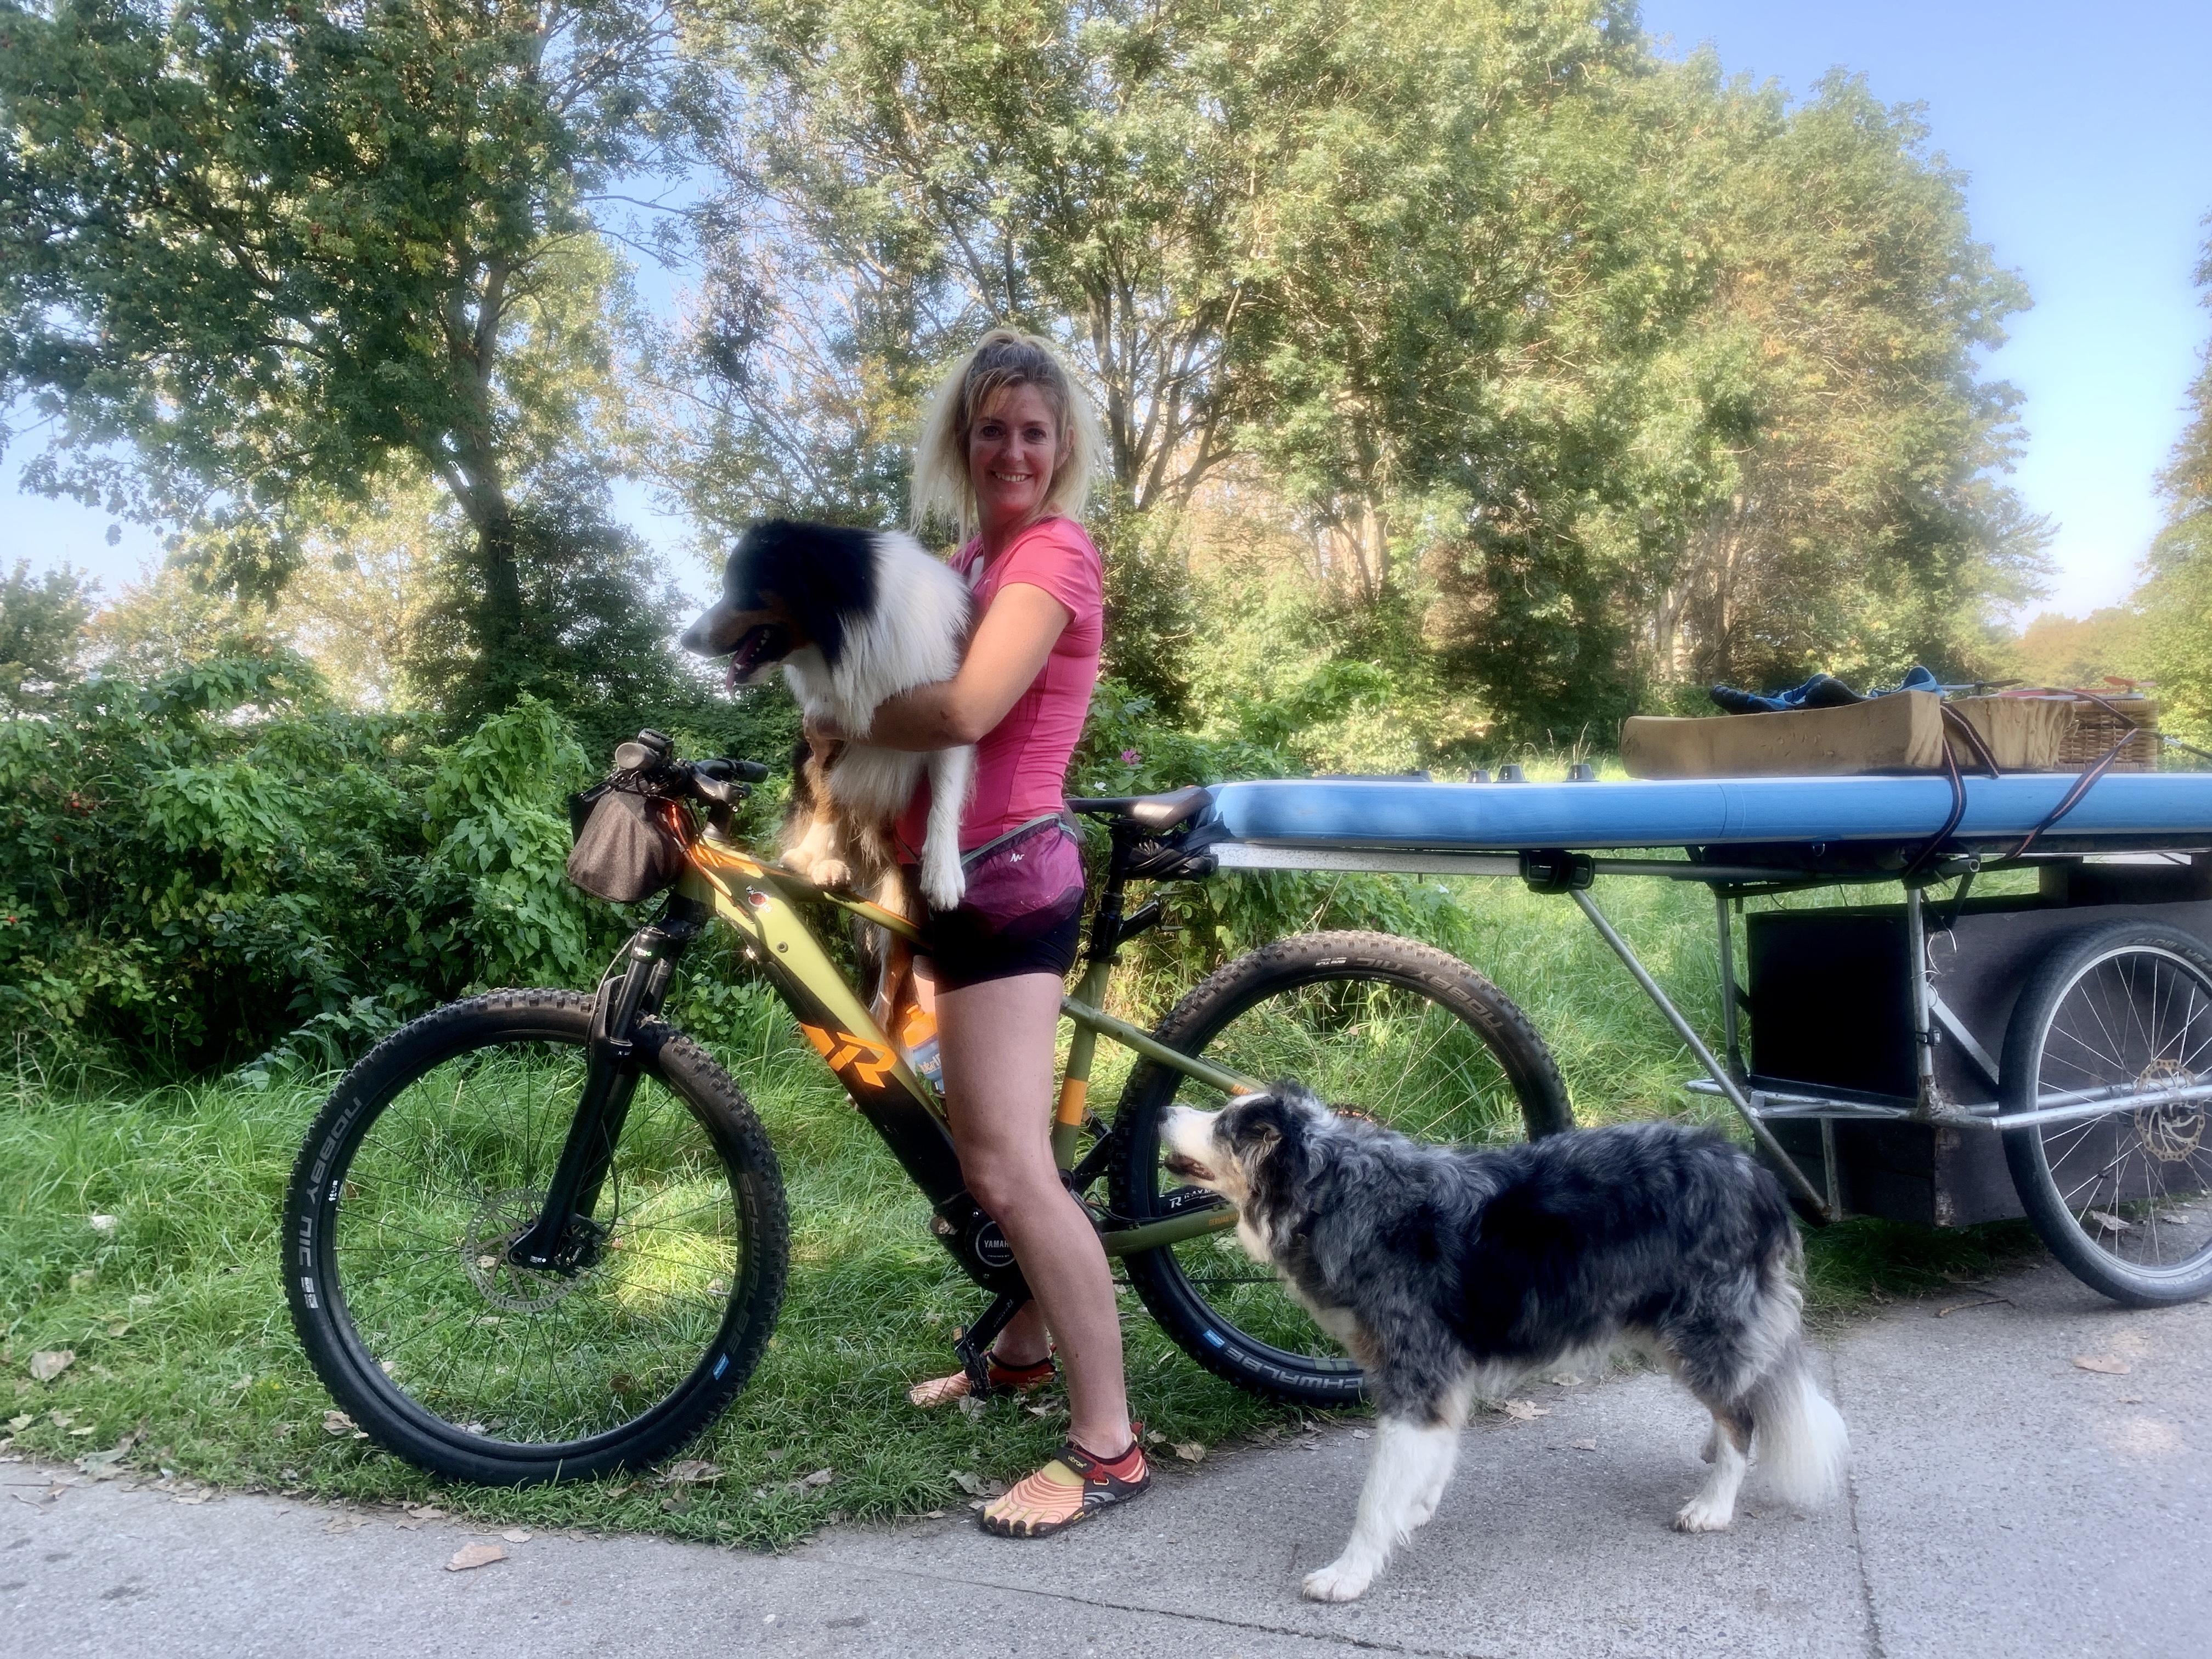 Onderweg: Yvonne van der Stok (43) uit Petten doet het liefst alles op de fiets. Goedkoper, beter voor het milieu en veel leuker dan de auto